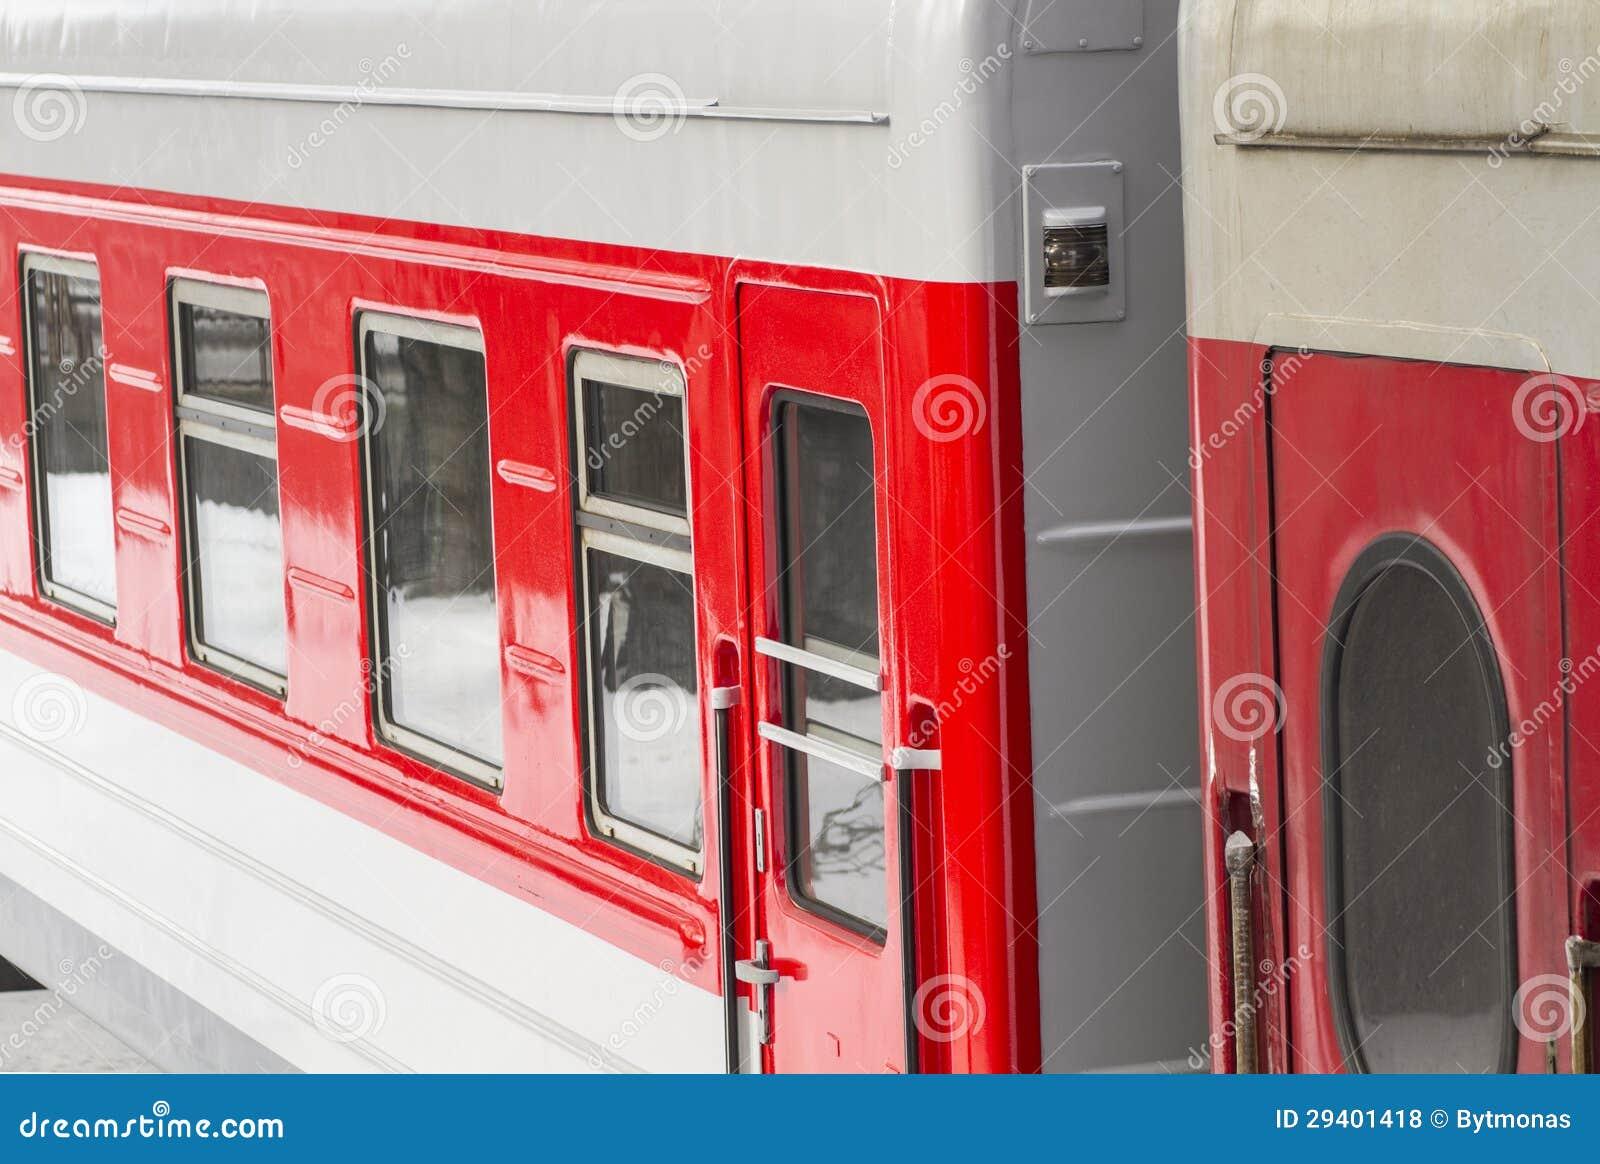 Detalhe do comboio de passageiros